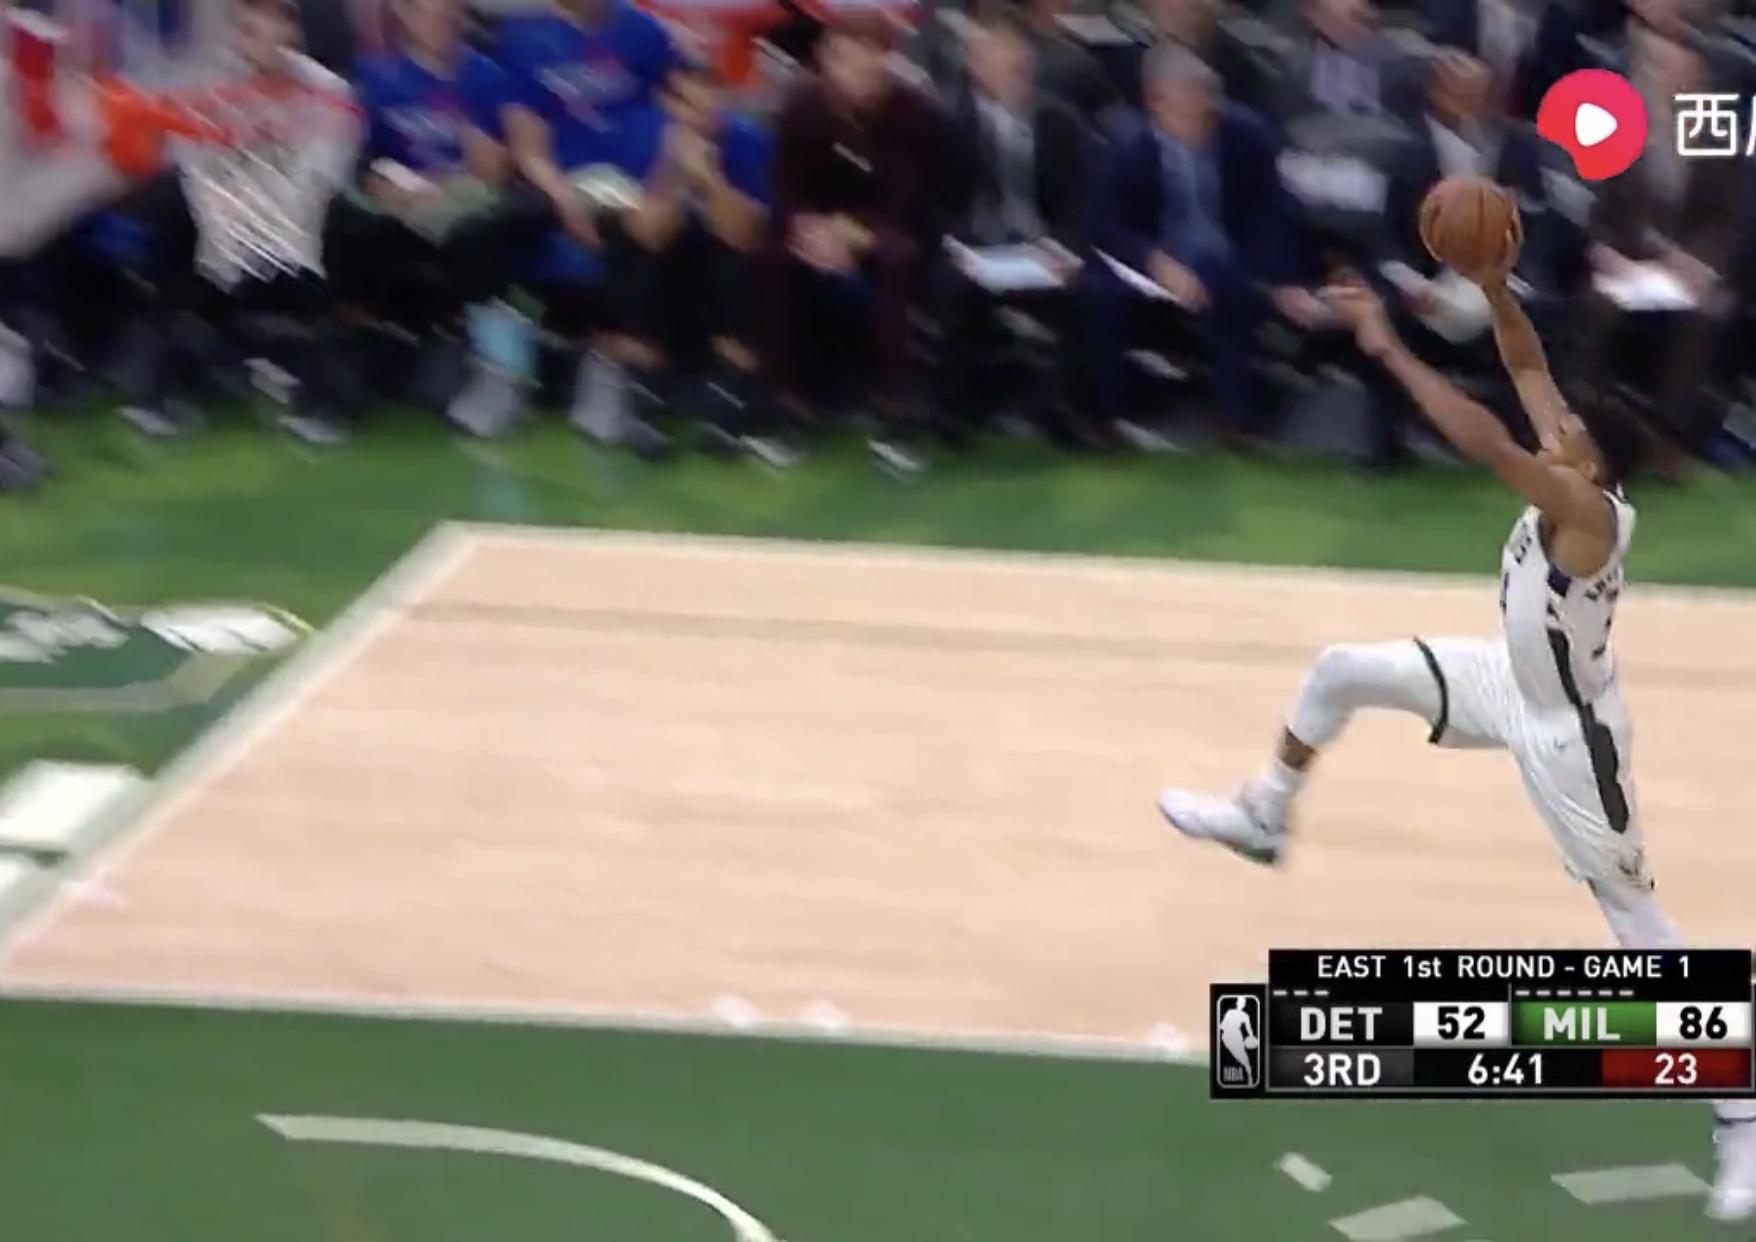 罚球线起跳!字母哥反击中超远距离滑翔暴扣 NBA新闻